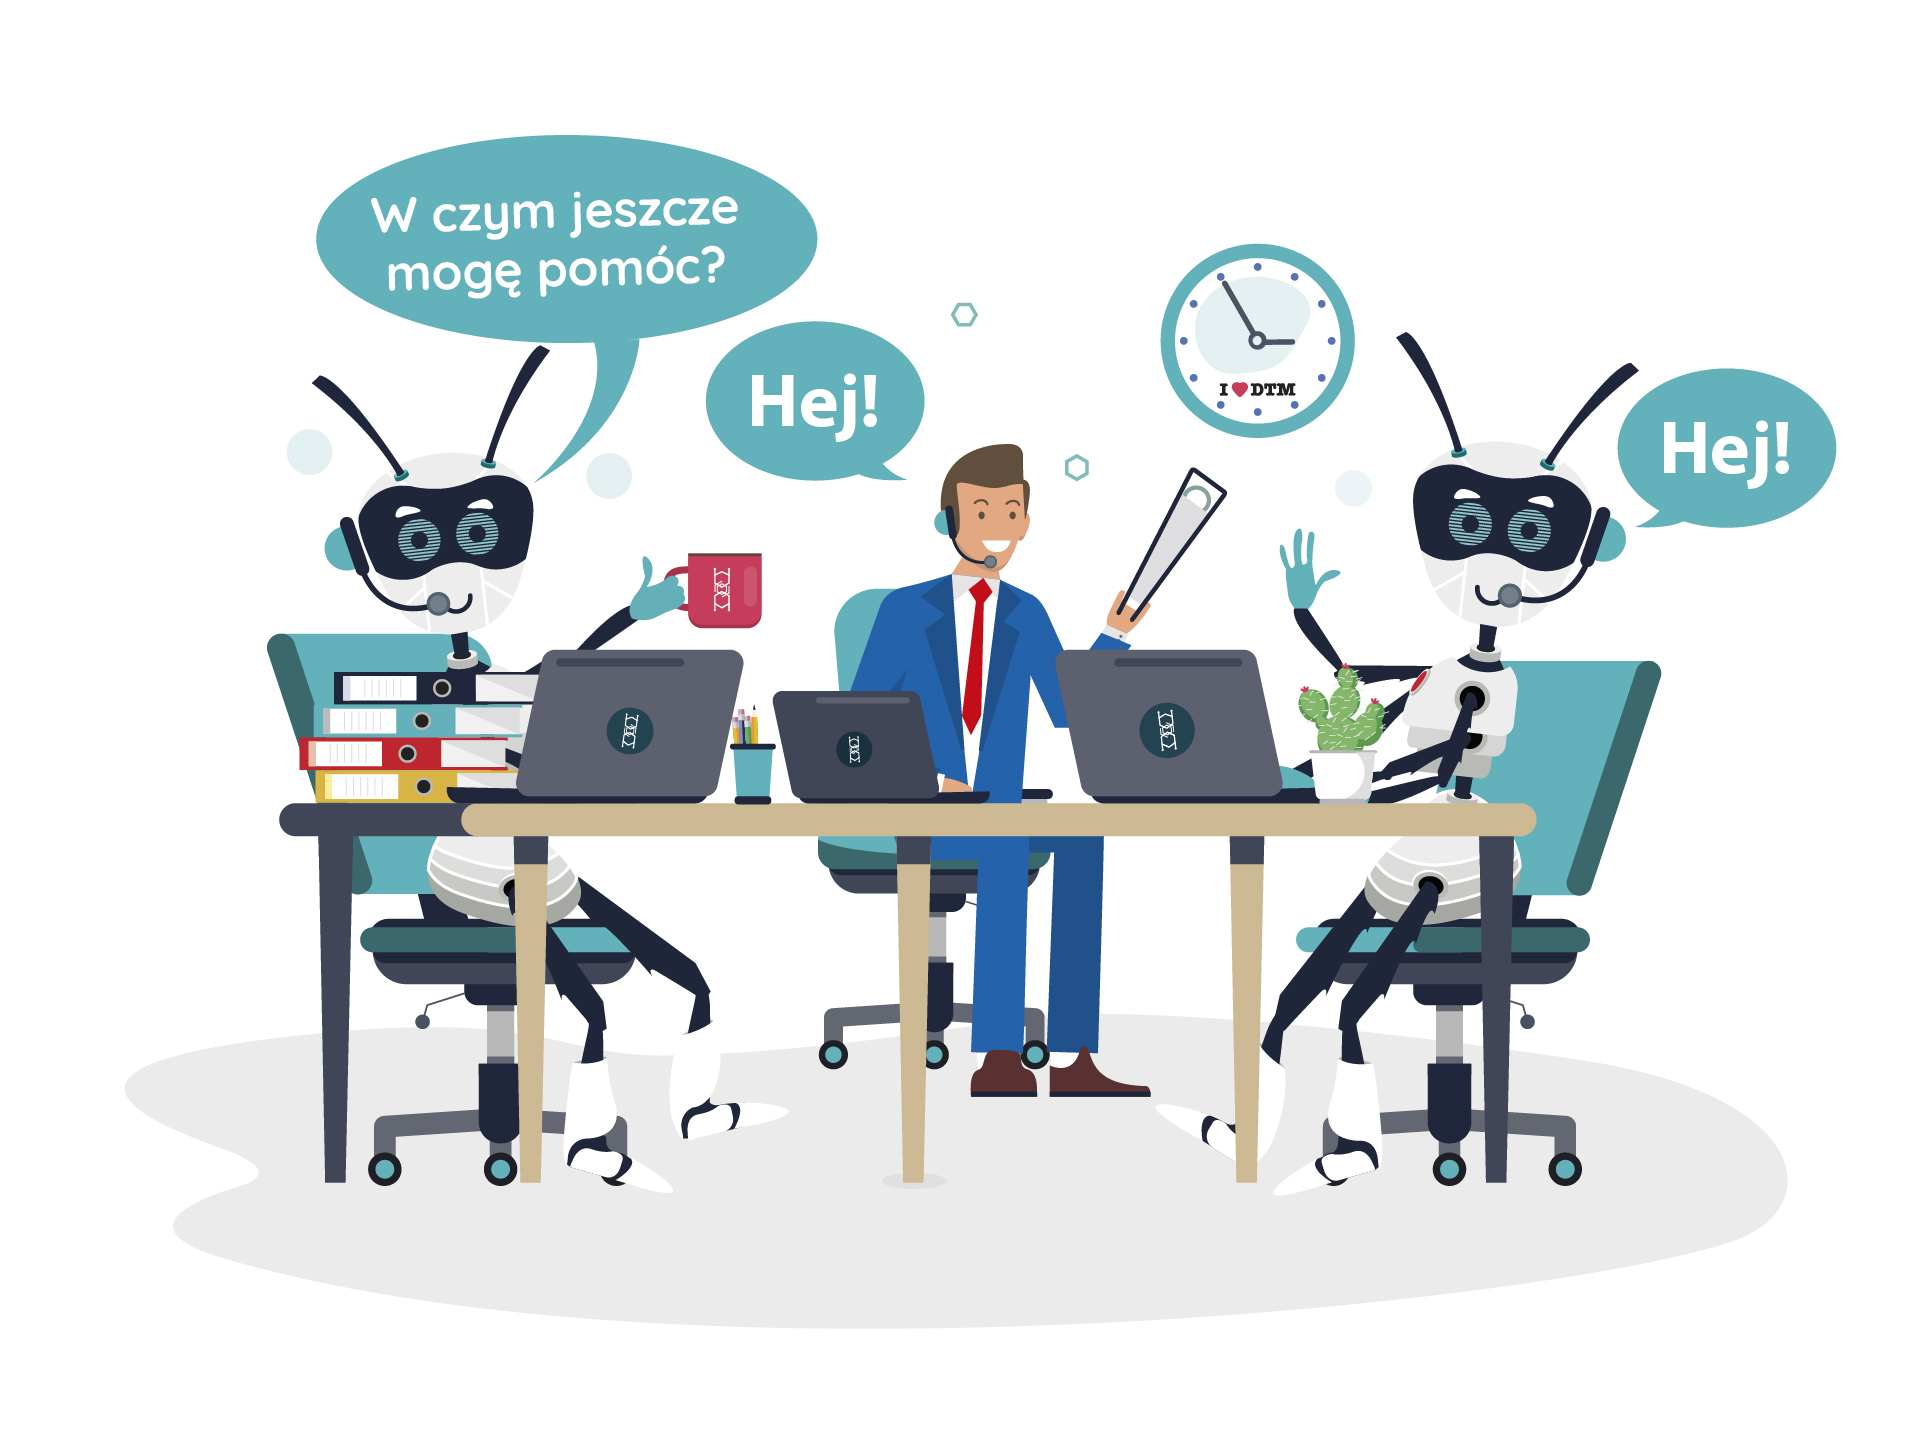 Cyfrowi Pracownicy w obsłudze Klienta Obrazek